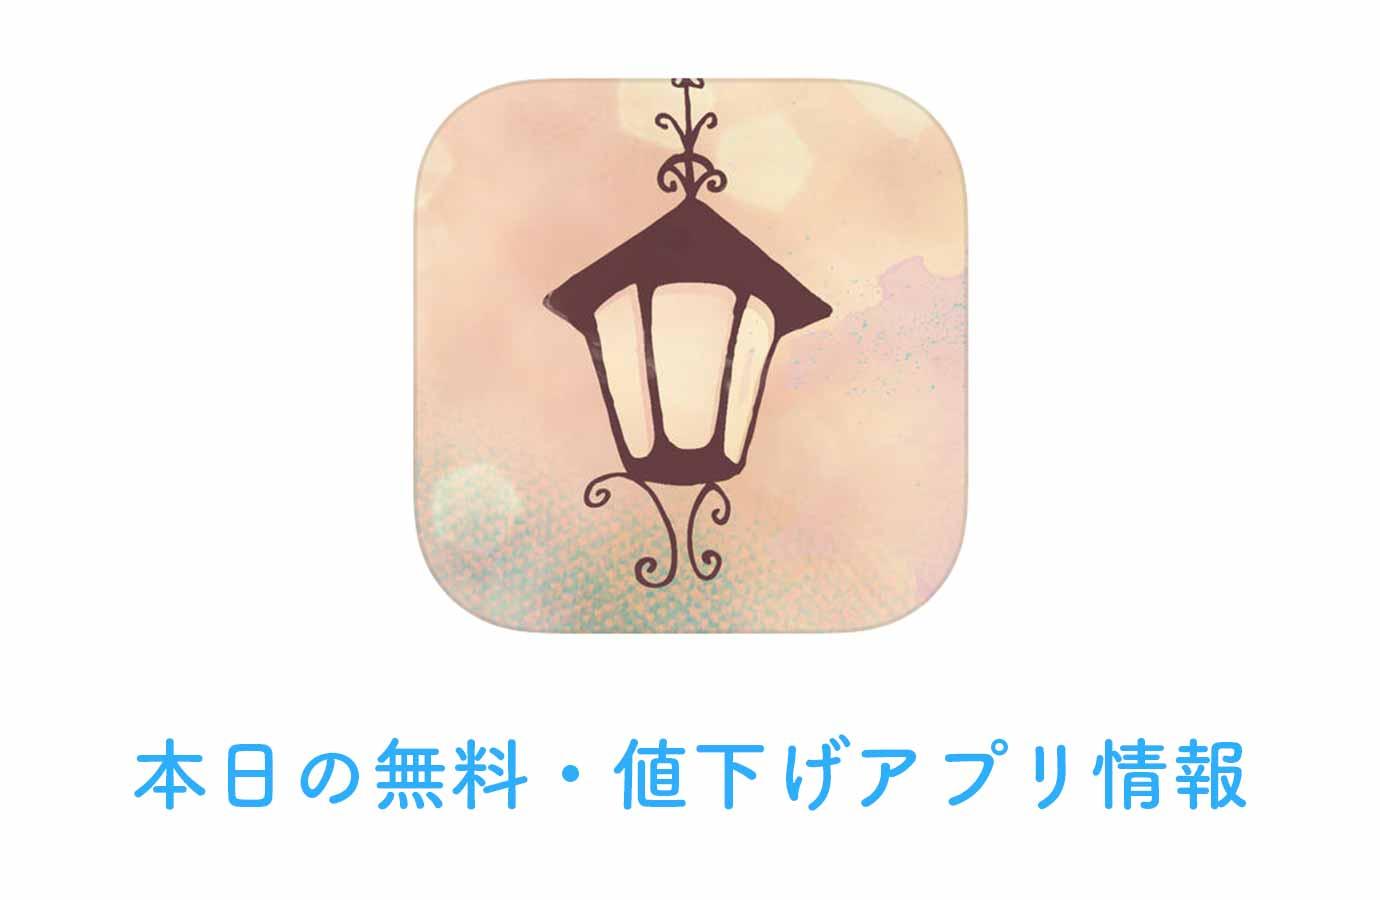 240円→無料!光のエフェクトでカワイイ写真に加工できる「Lumiè」など【1/23】本日の無料・値下げアプリ情報